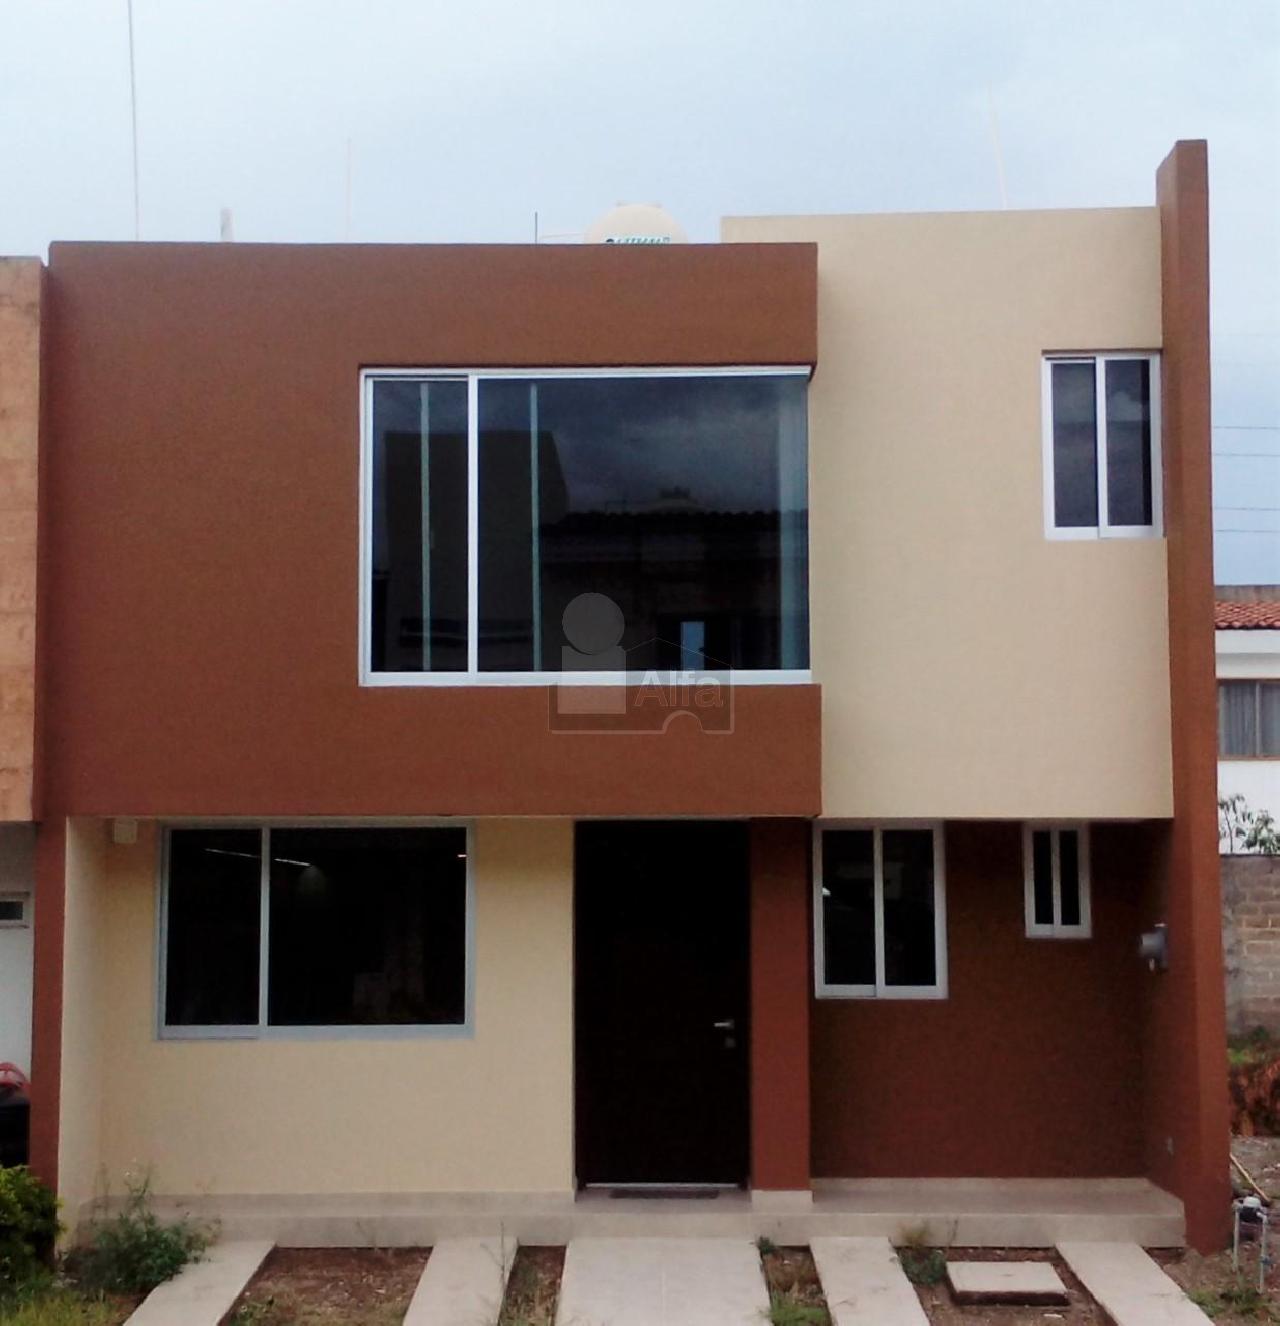 Renta de casa en nueva galicia residencial tlajomulco de zu iga goplaceit - Alquiler de apartamentos en galicia ...